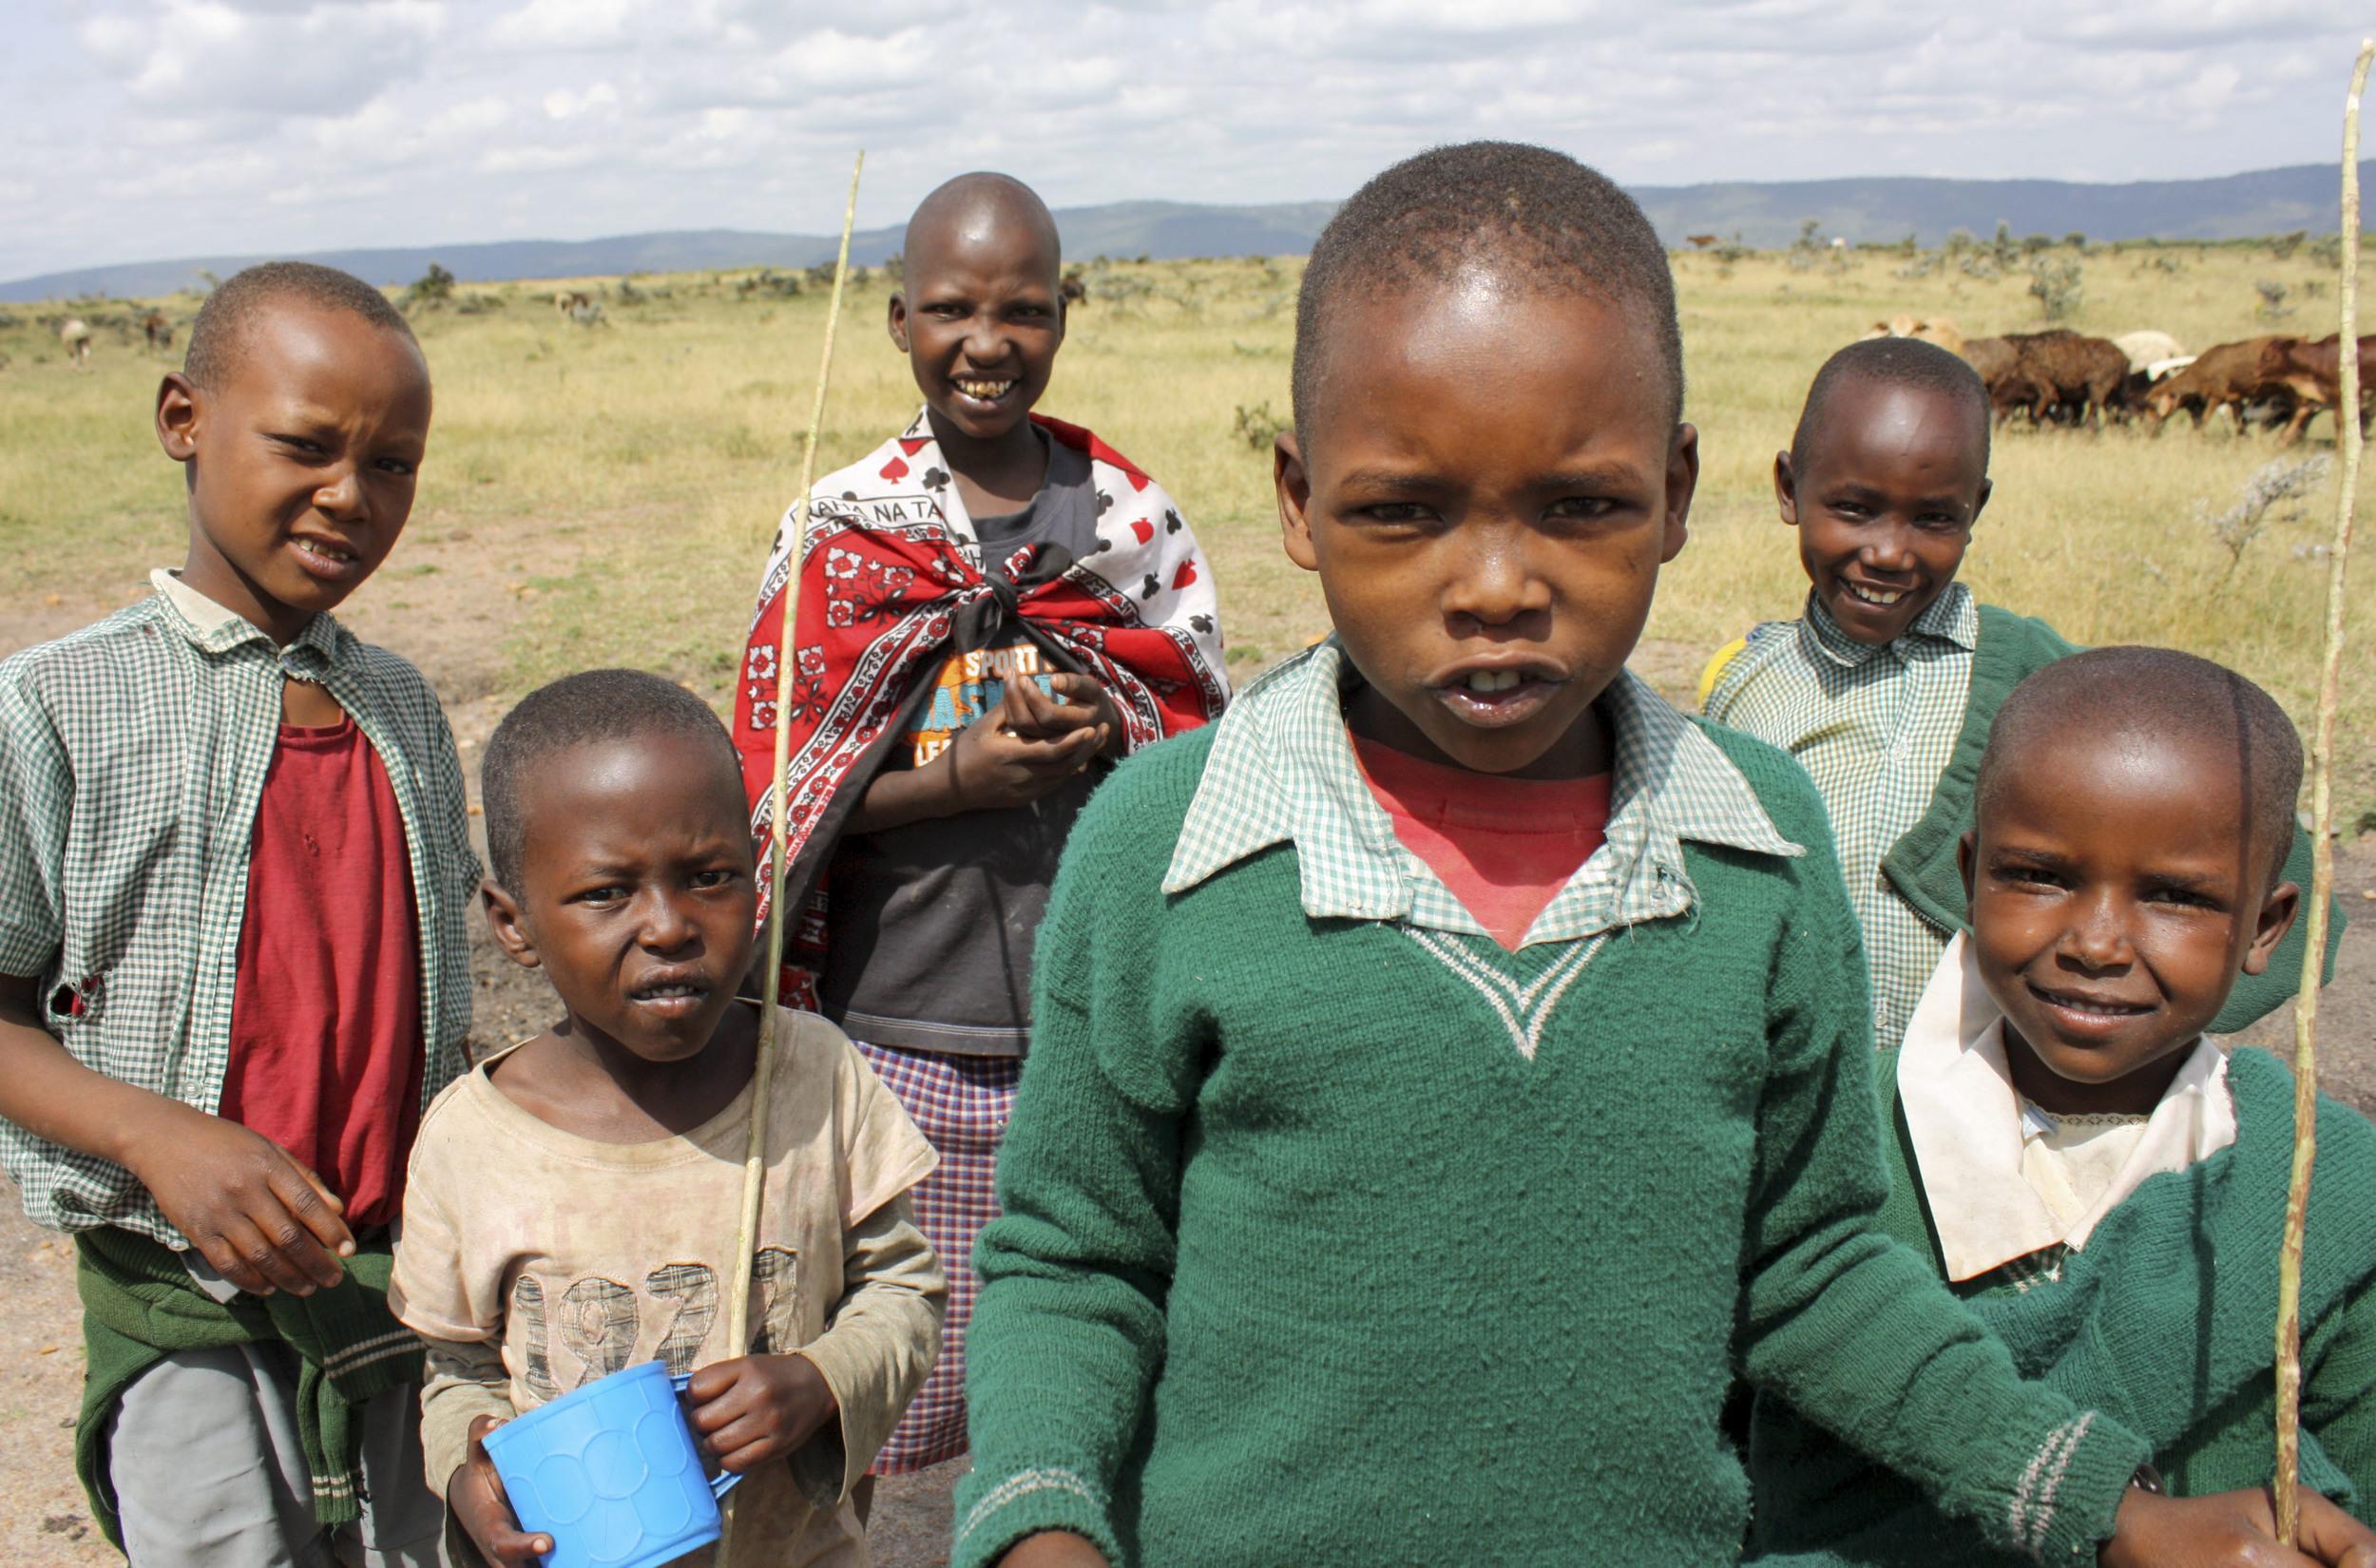 Masai Mara - Safari trip - 28-31.06 (14)R.jpg